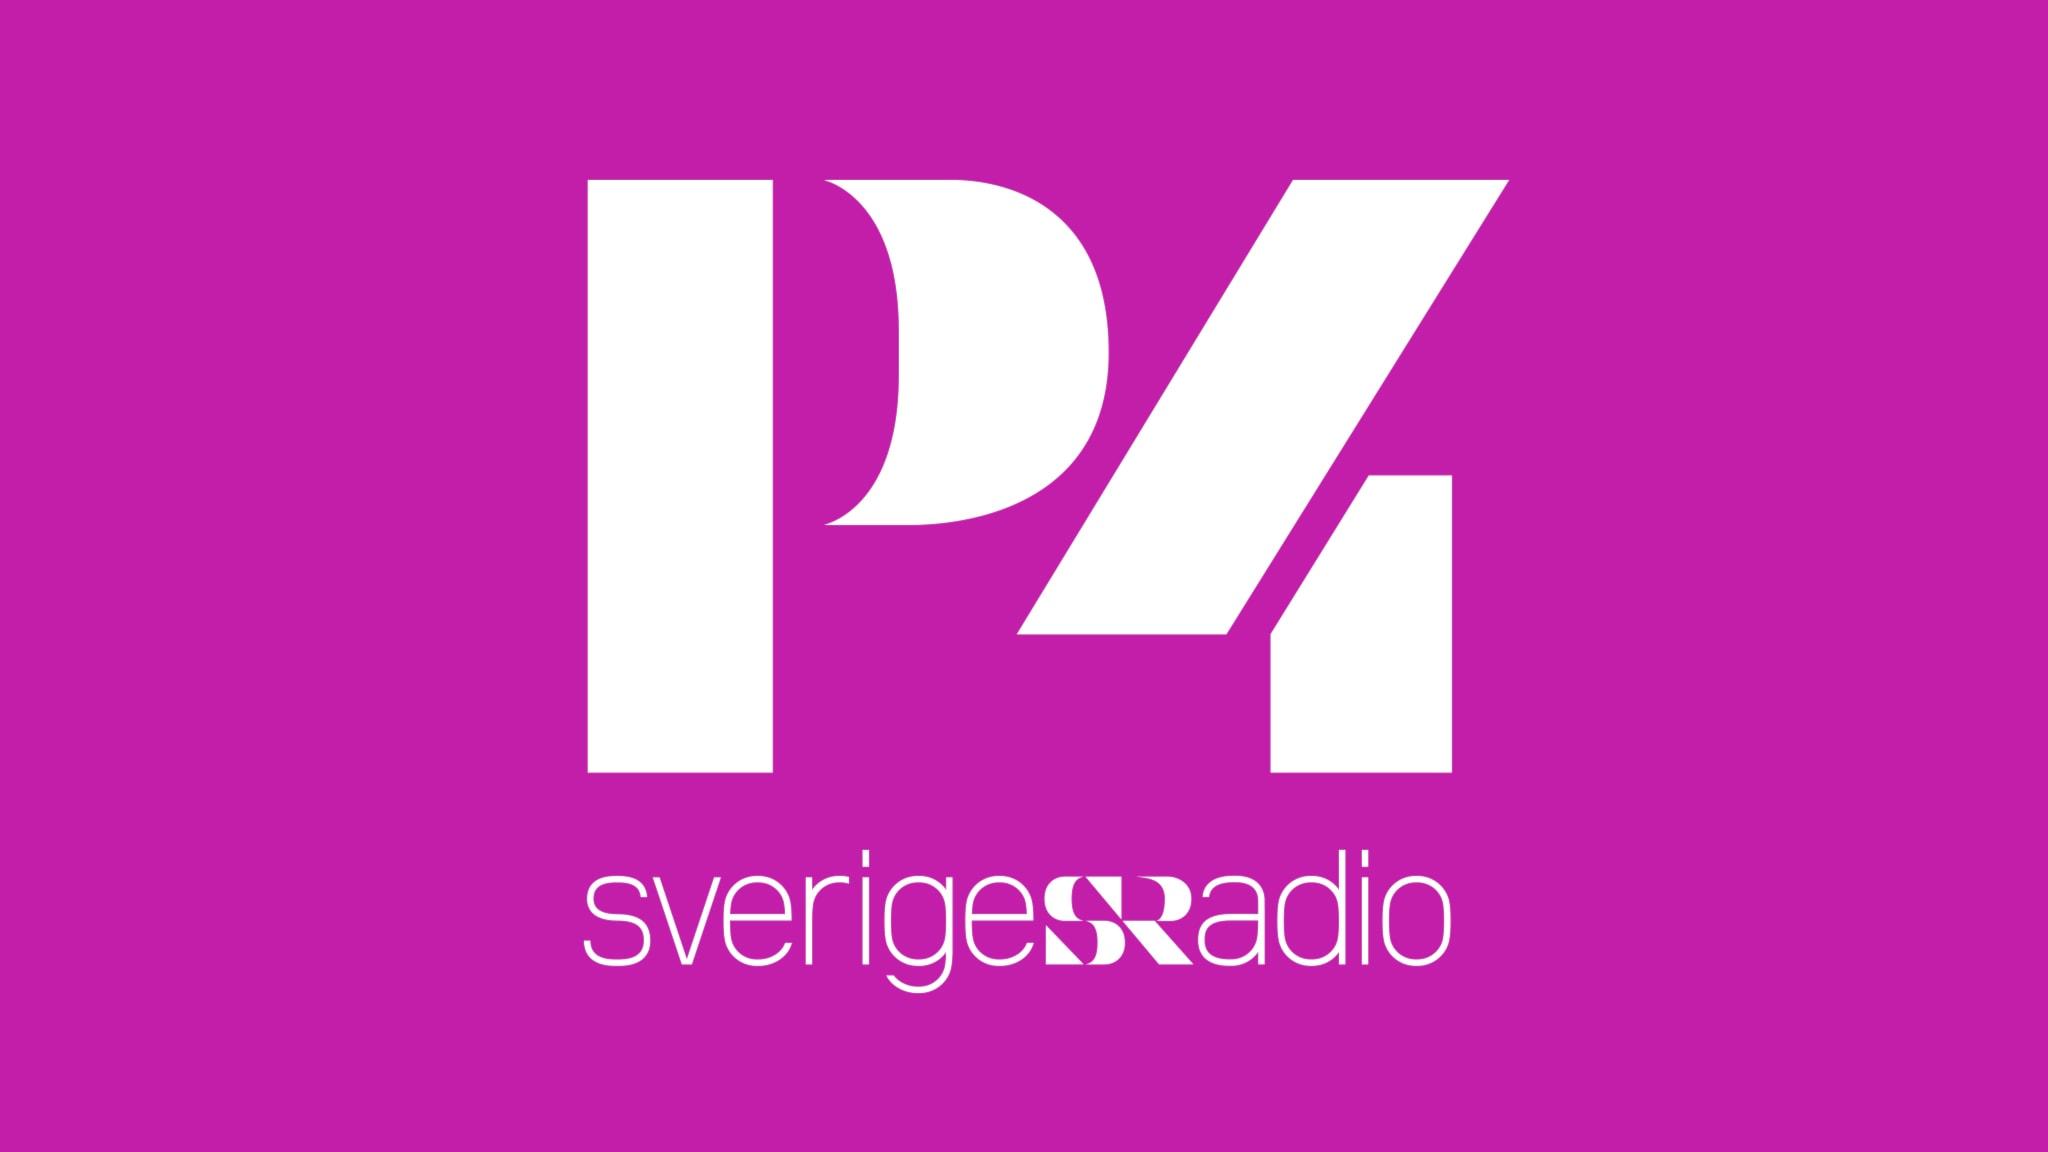 Trafik P4 Göteborg 20190625 09.32 (00.41)